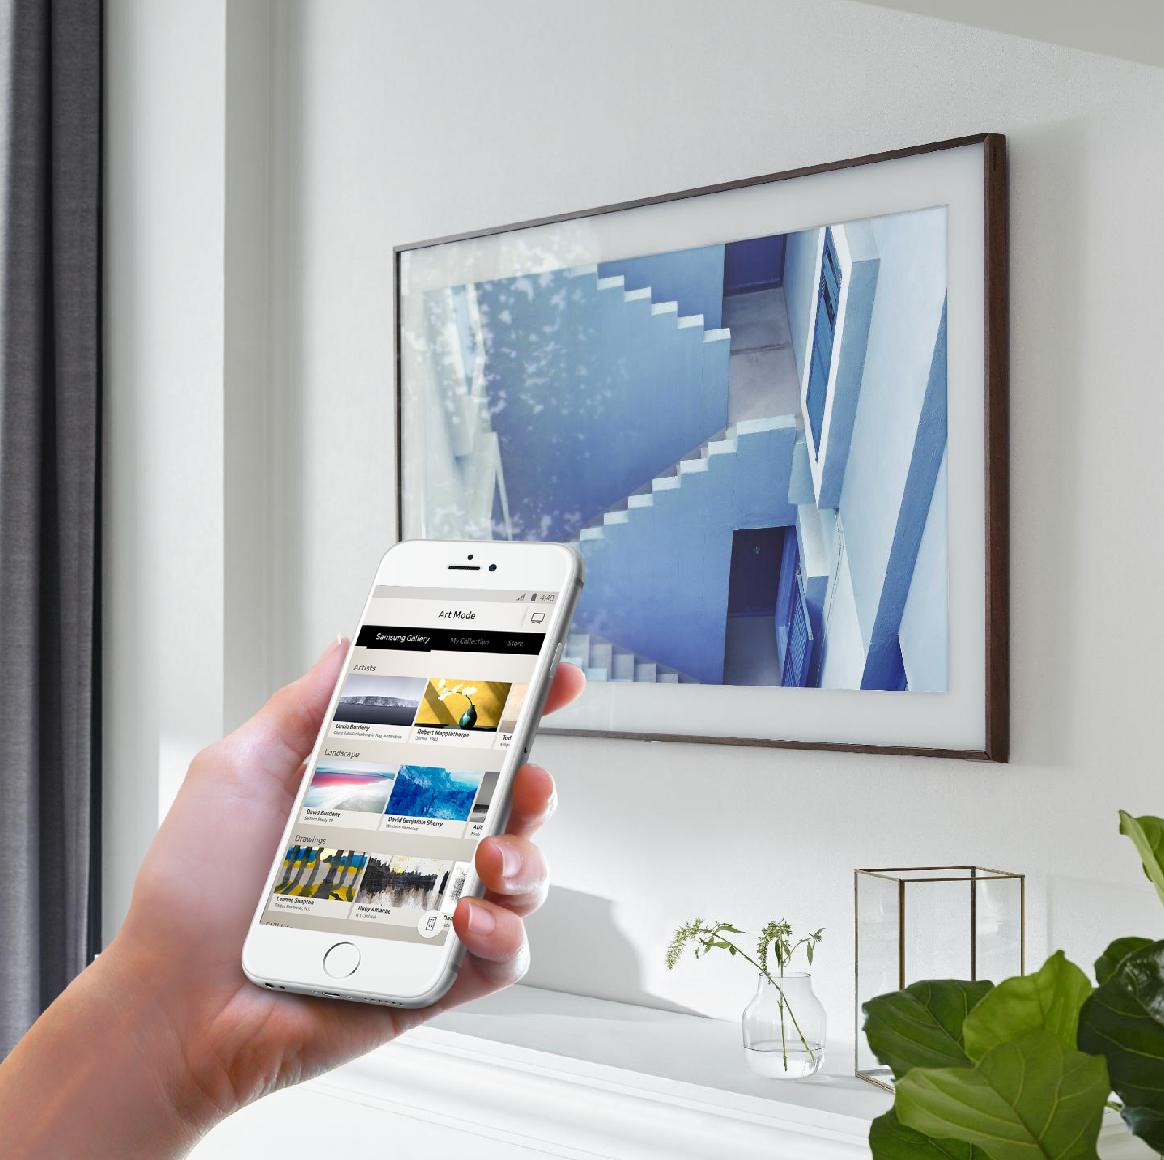 samsung frame tv. samsung frame tv companion app tv